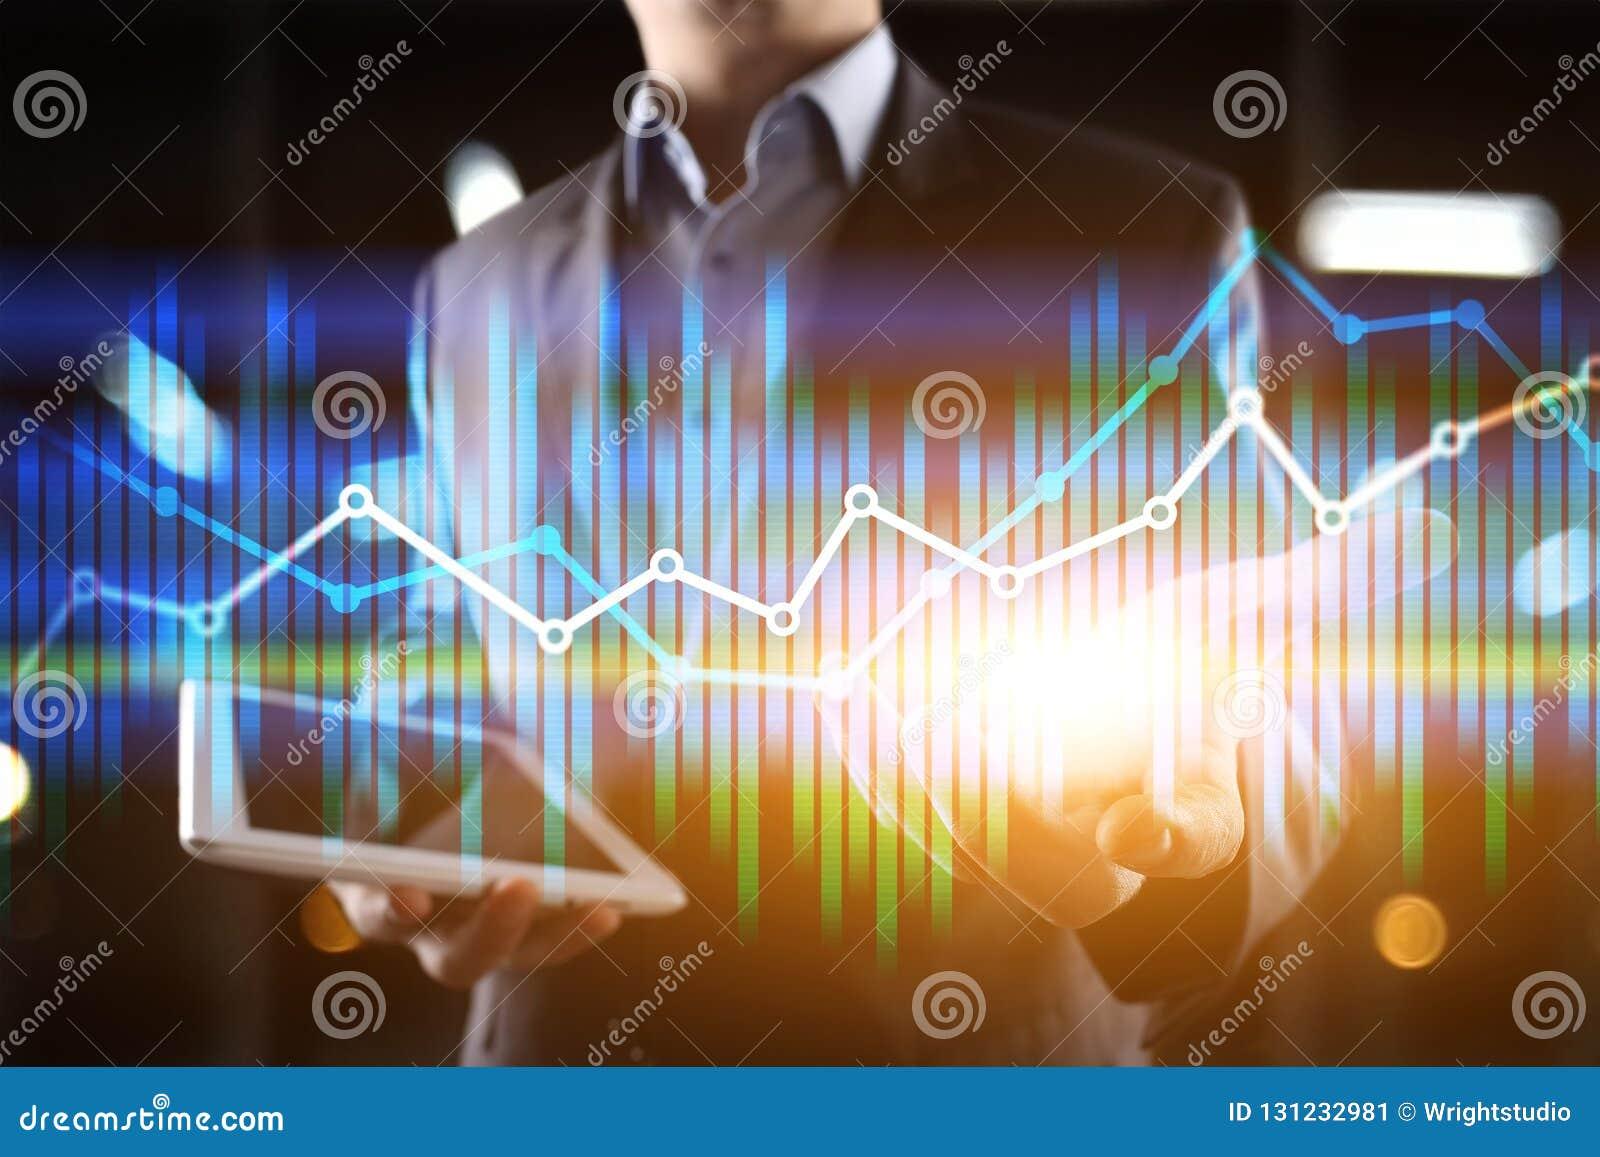 Cartas económicas y gráficos de la exposición doble en la pantalla virtual Comercio, concepto en línea del negocio y de las finan